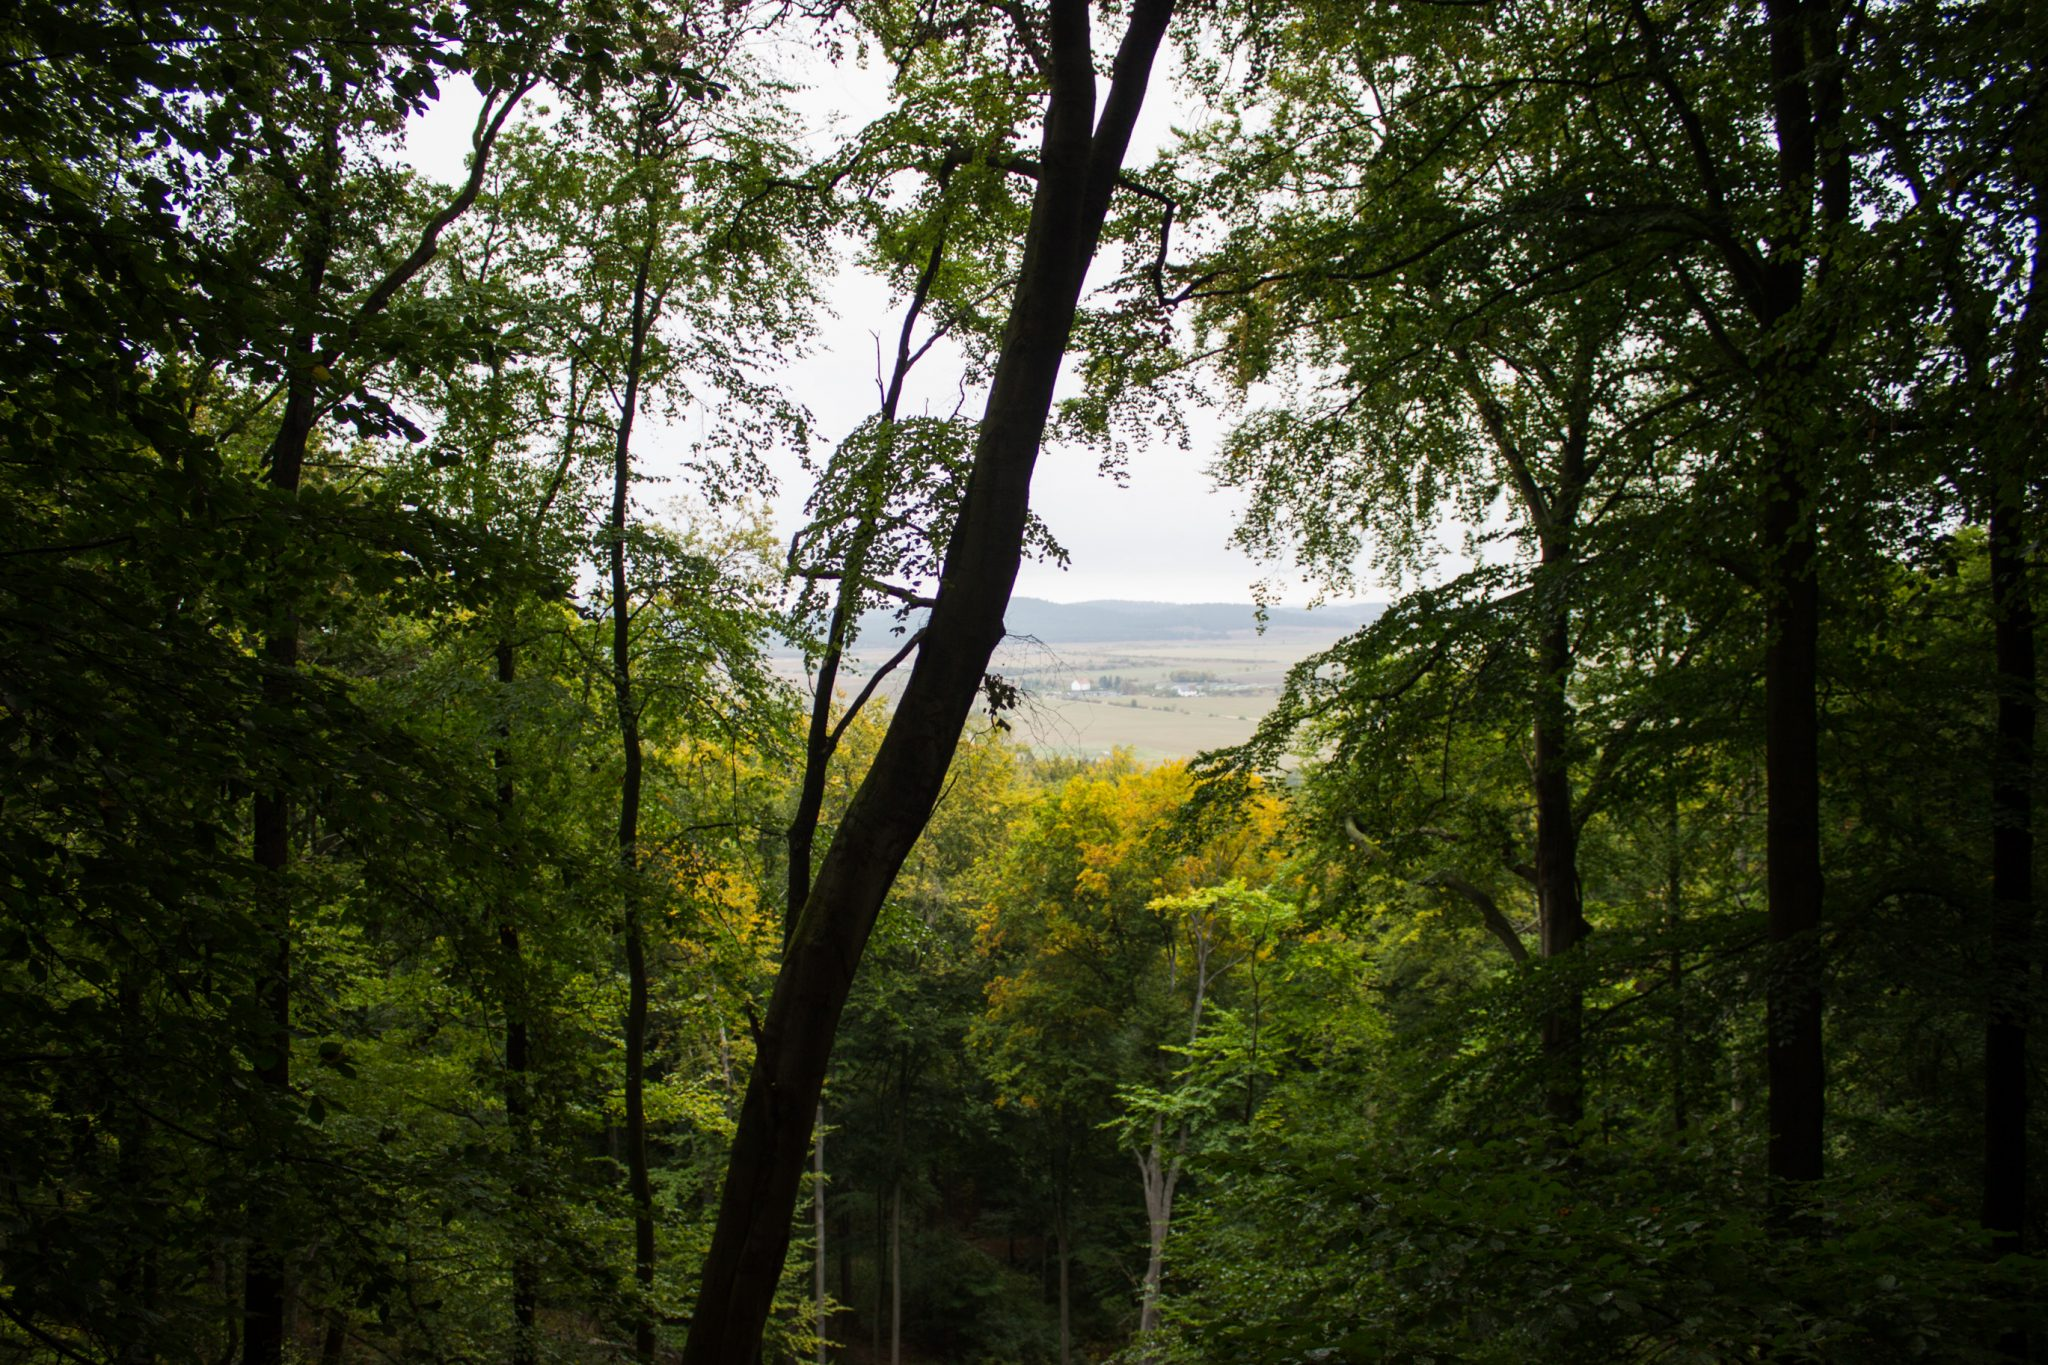 Rundwanderung auf der Blankenburger Teufelsmauer, Wanderung über den Nordhang durch schönen, dichten Buchenwald, weite Aussicht durch Baumlücke